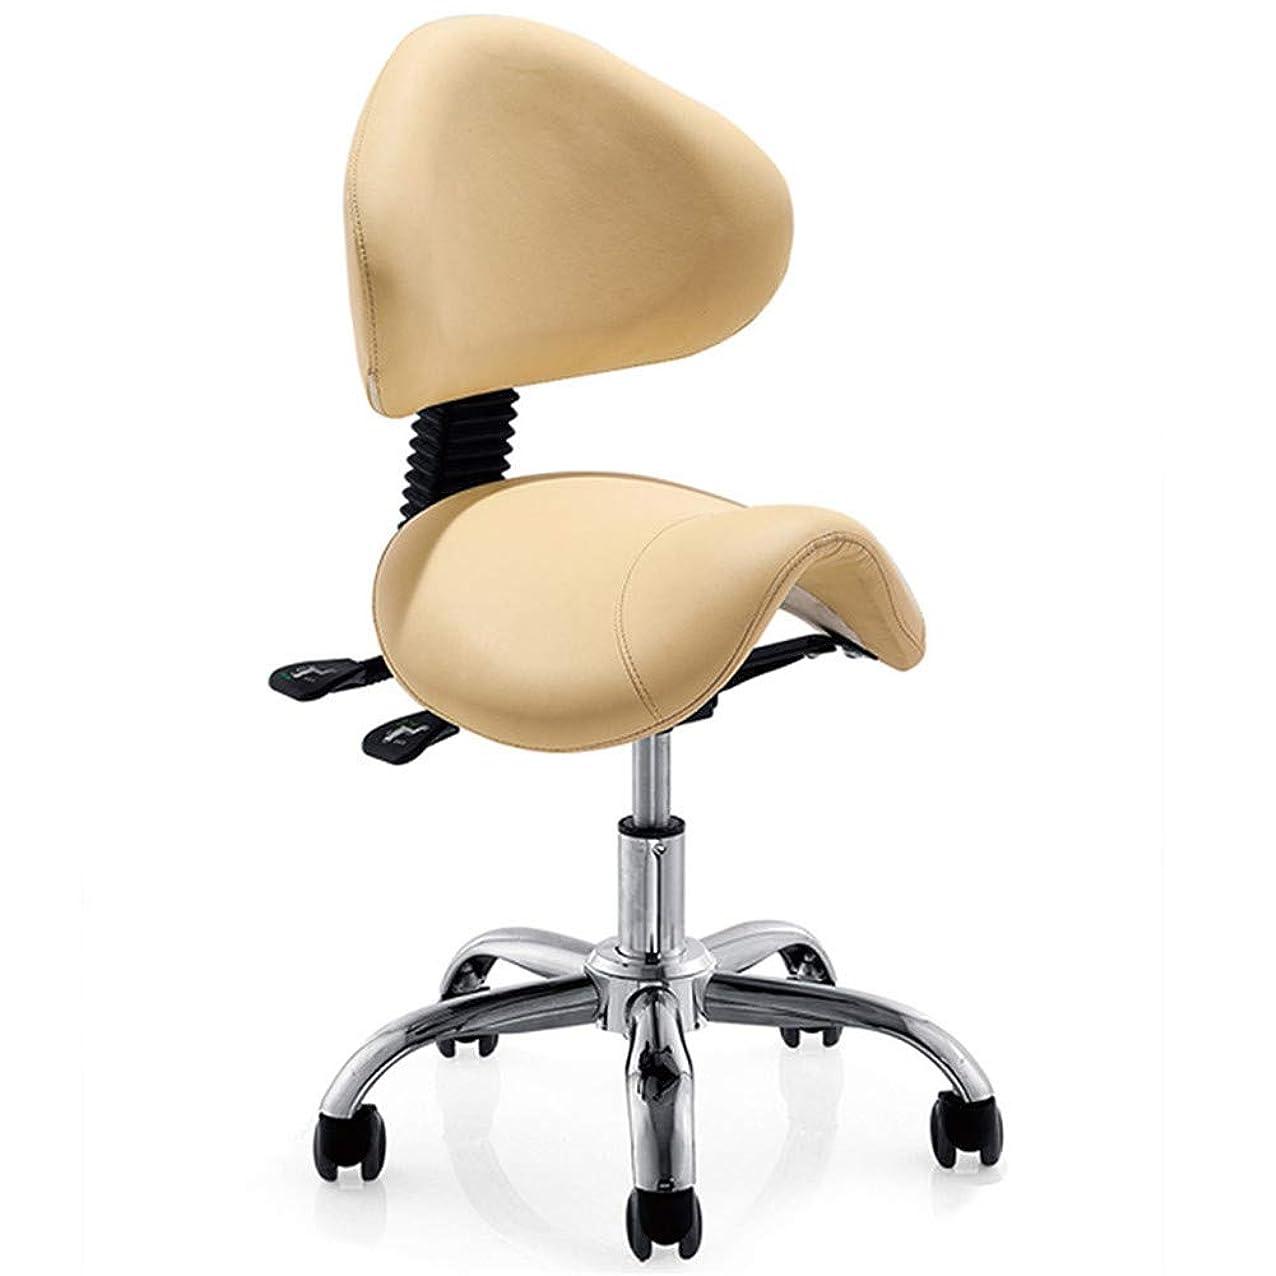 ストリーム毒メタリックサロンチェア油圧理髪店チェアサロンスパモデリングチェアファッションエレガントなデザイン回転可能な調節可能な高さ取り外し可能な背もたれ5ローラー,Yellow